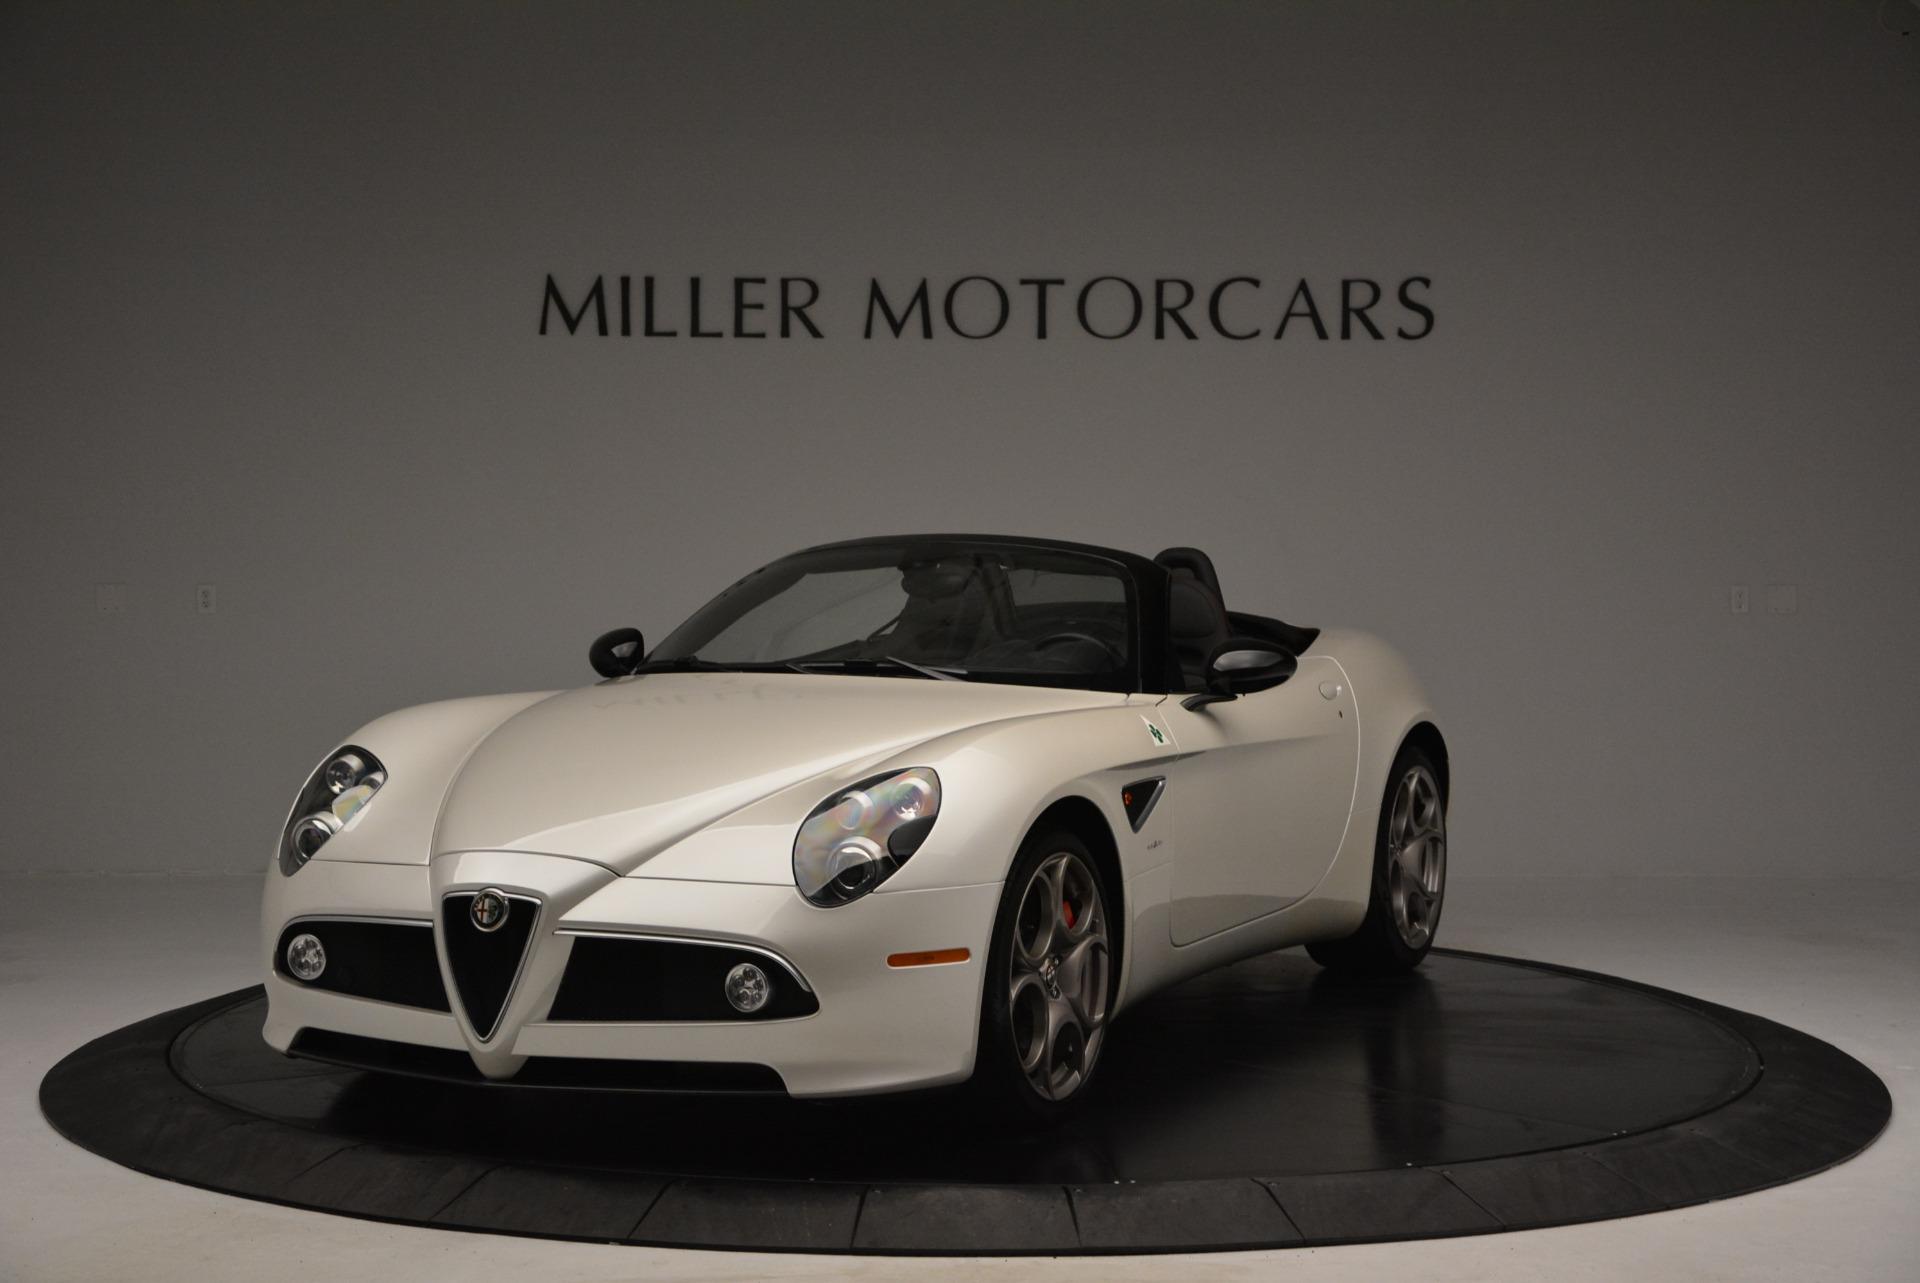 Used 2009 Alfa Romeo 8C Competizione Spider for sale $345,900 at Maserati of Greenwich in Greenwich CT 06830 1